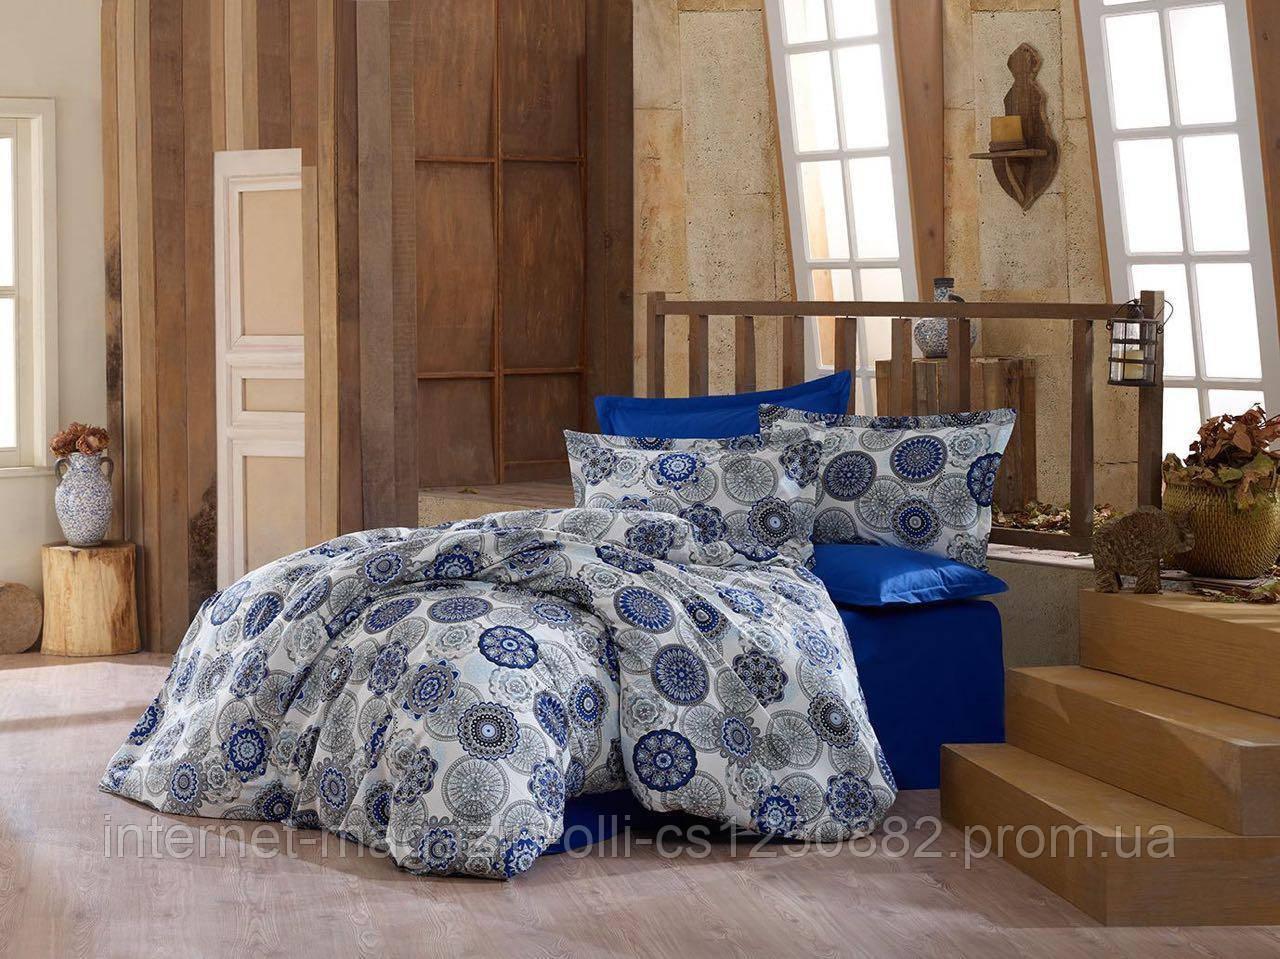 Ткань для постельного белья поплин №34-52